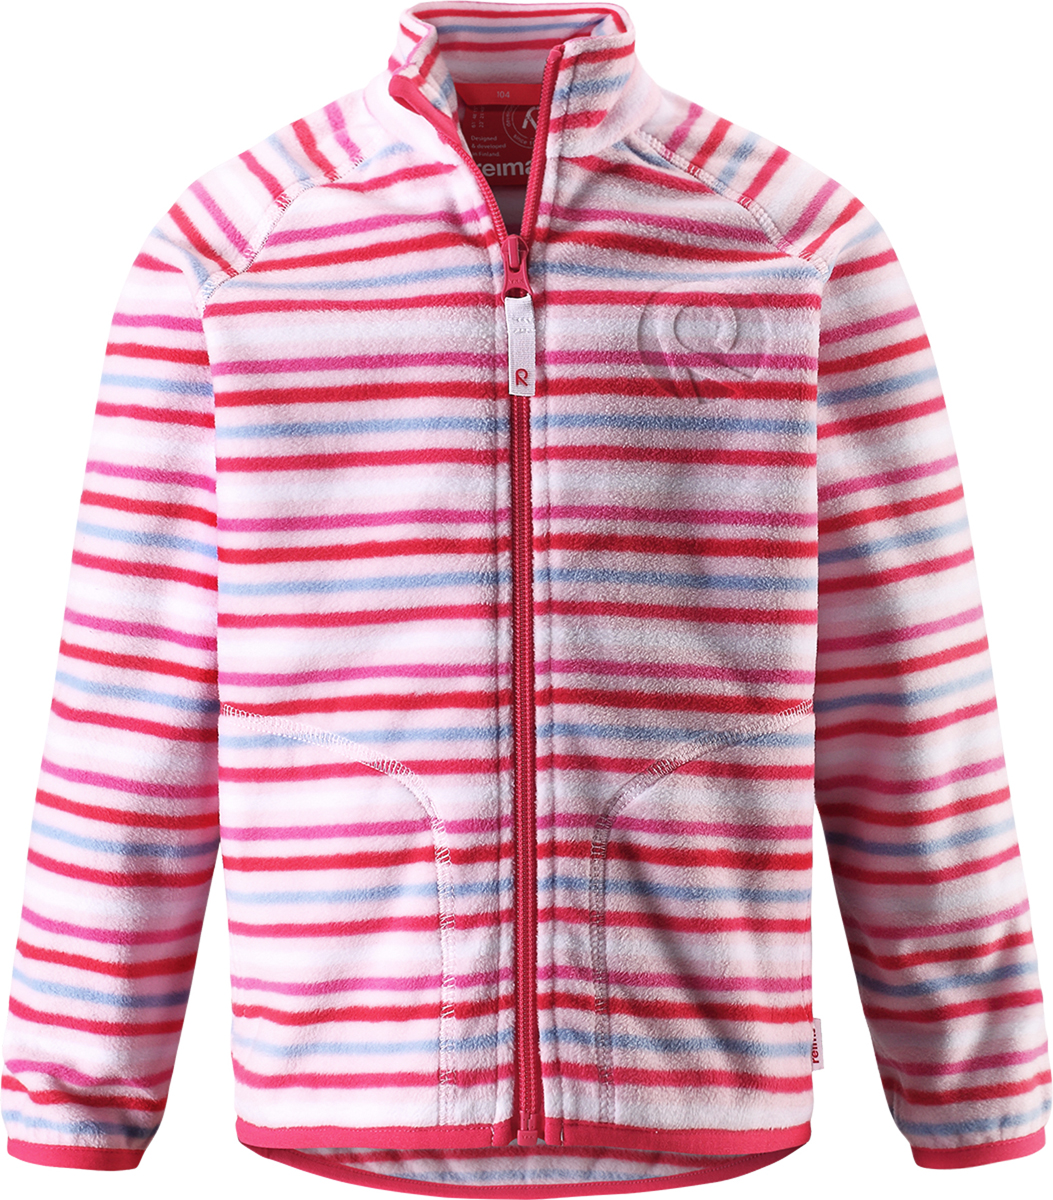 Толстовка флисовая детская Reima Inrun, цвет: розовый, белый. 5262504011. Размер 1345262504011Детская флисовая толстовка Reima на прохладный день. Можно использовать как верхнюю одежду в сухую погоду весной и осенью или поддевать в качестве промежуточного слоя в холода. Обратите внимание на удобную систему кнопок Play Layers, с помощью которой легко присоединить кофту к одежде из серии Reima Play Layers и обеспечить ребенку дополнительное тепло и комфорт. Высококачественный флис - это теплый, легкий и быстросохнущий материал, он идеально подходит для активных прогулок. Удлиненная спинка обеспечивает дополнительную защиту для поясницы, а молния во всю длину с защитой для подбородка облегчает надевание.